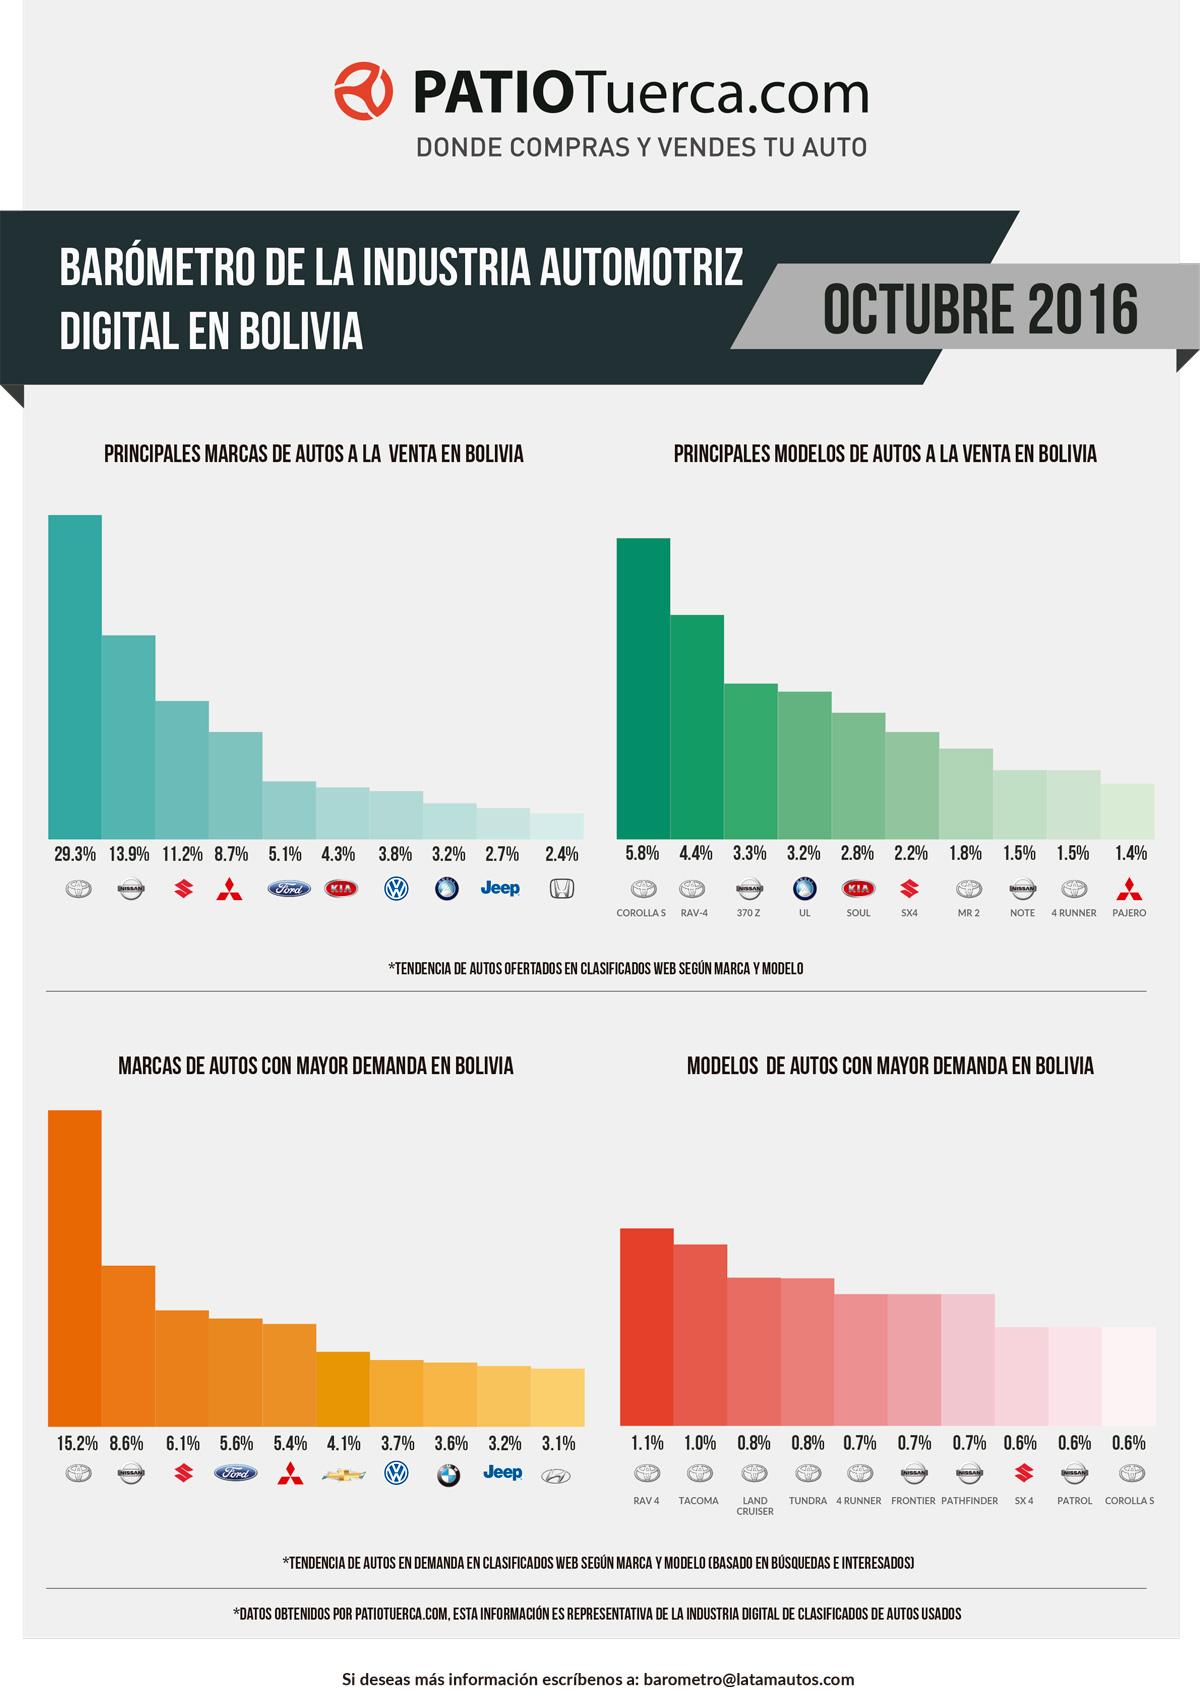 Barómetro digital de la industria automotriz boliviana en octubre